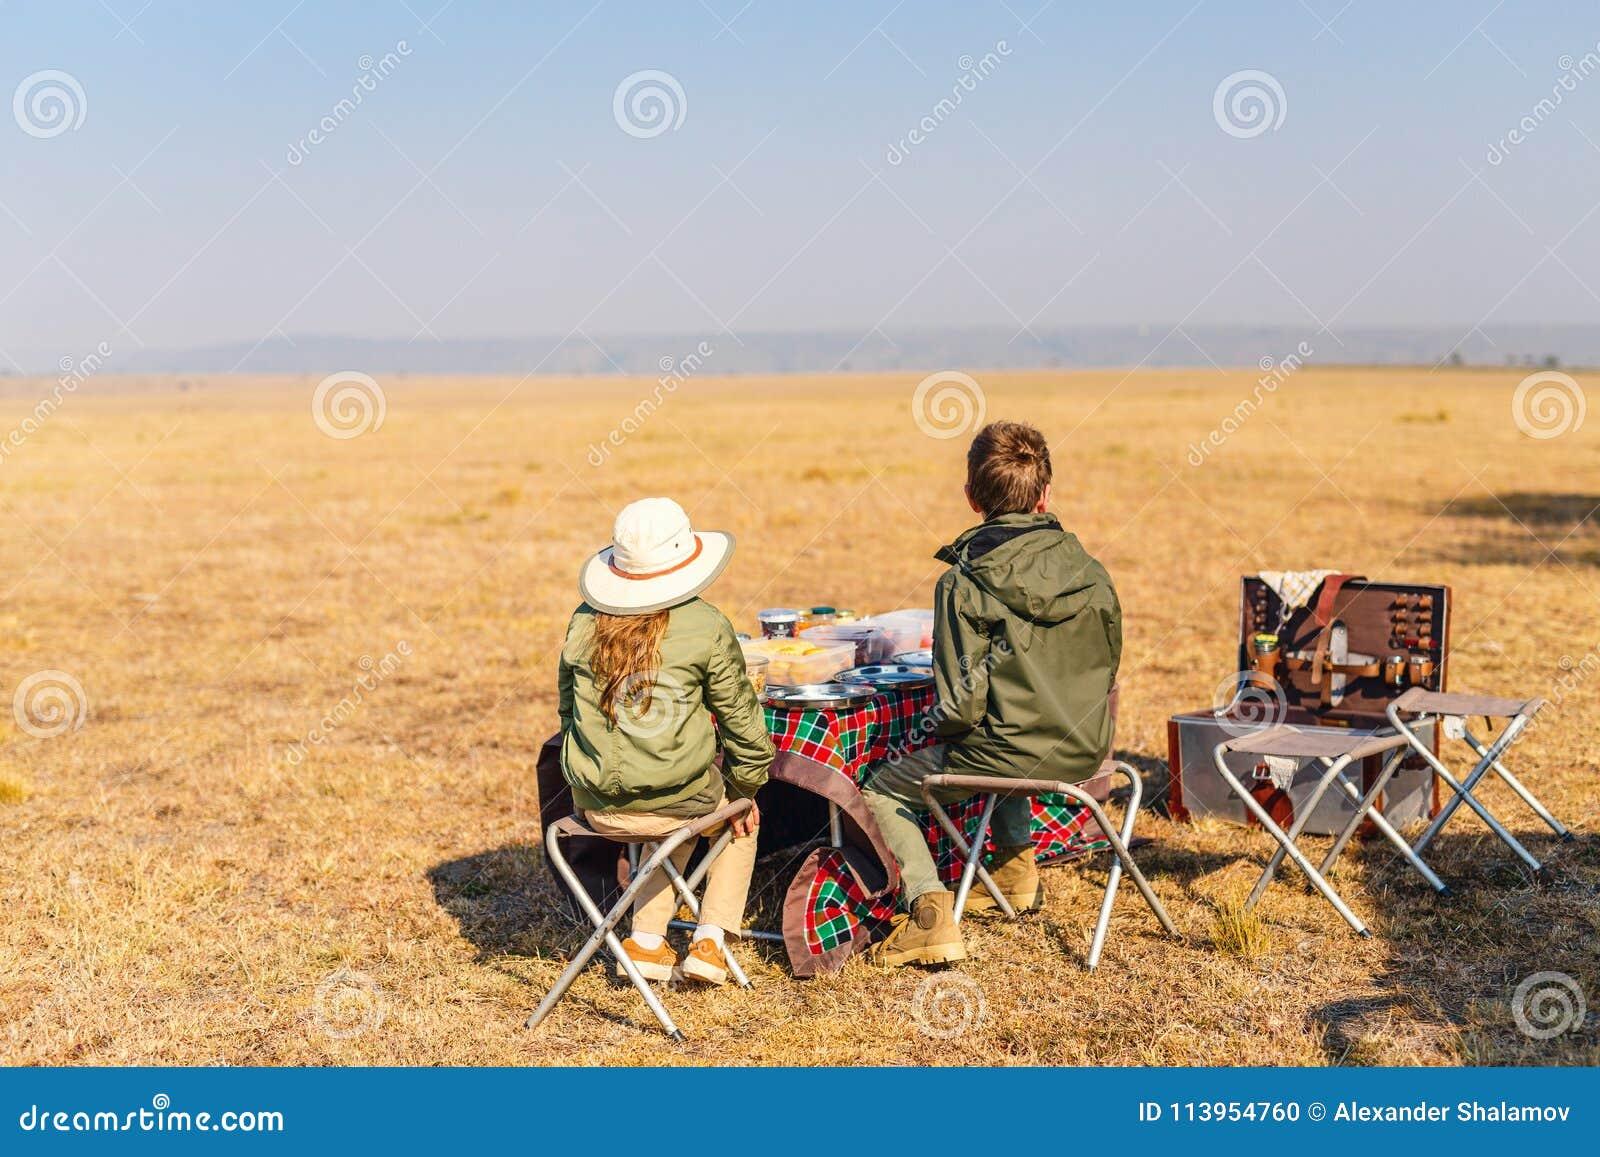 Kids at safari breakfast